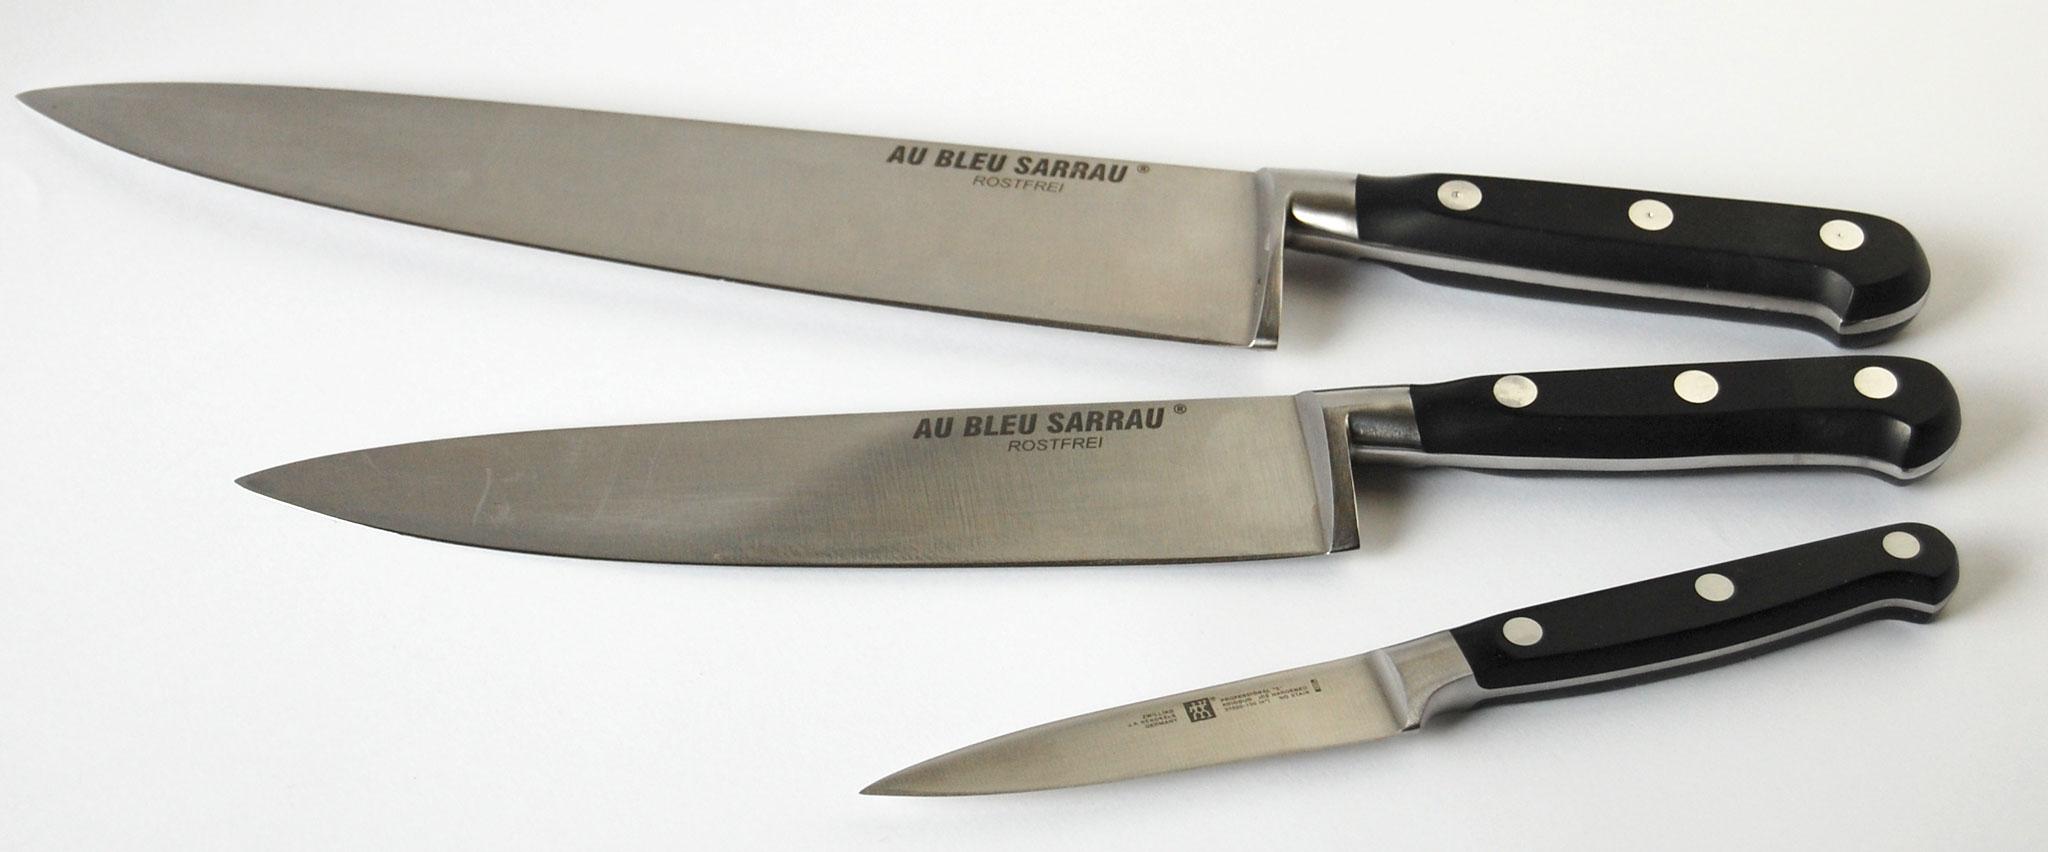 Ustensile mat riel fleur de pois - Trousse de couteaux de cuisine ...